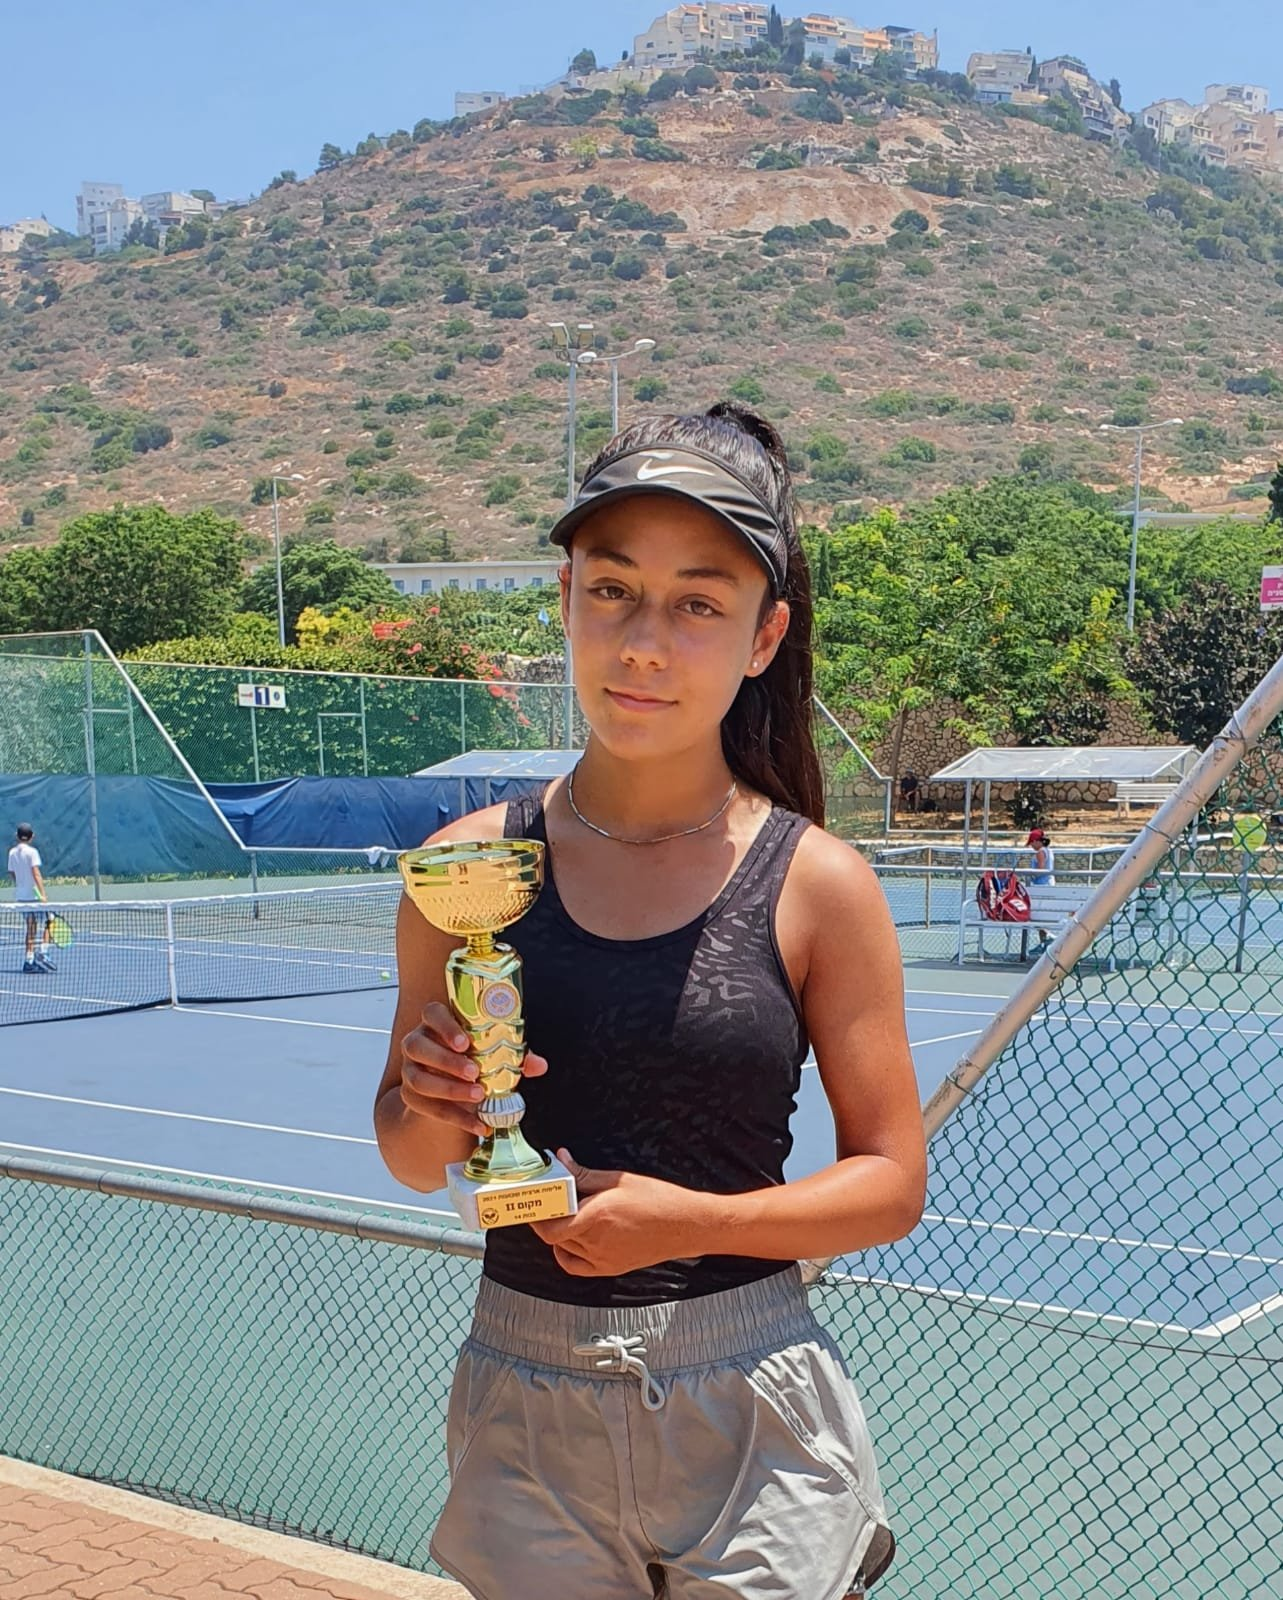 بطلة التنس الأرضي كاريمان بقاعي تواصل التحليق وتفوز بالمرتبة الثانية قطريًا-0